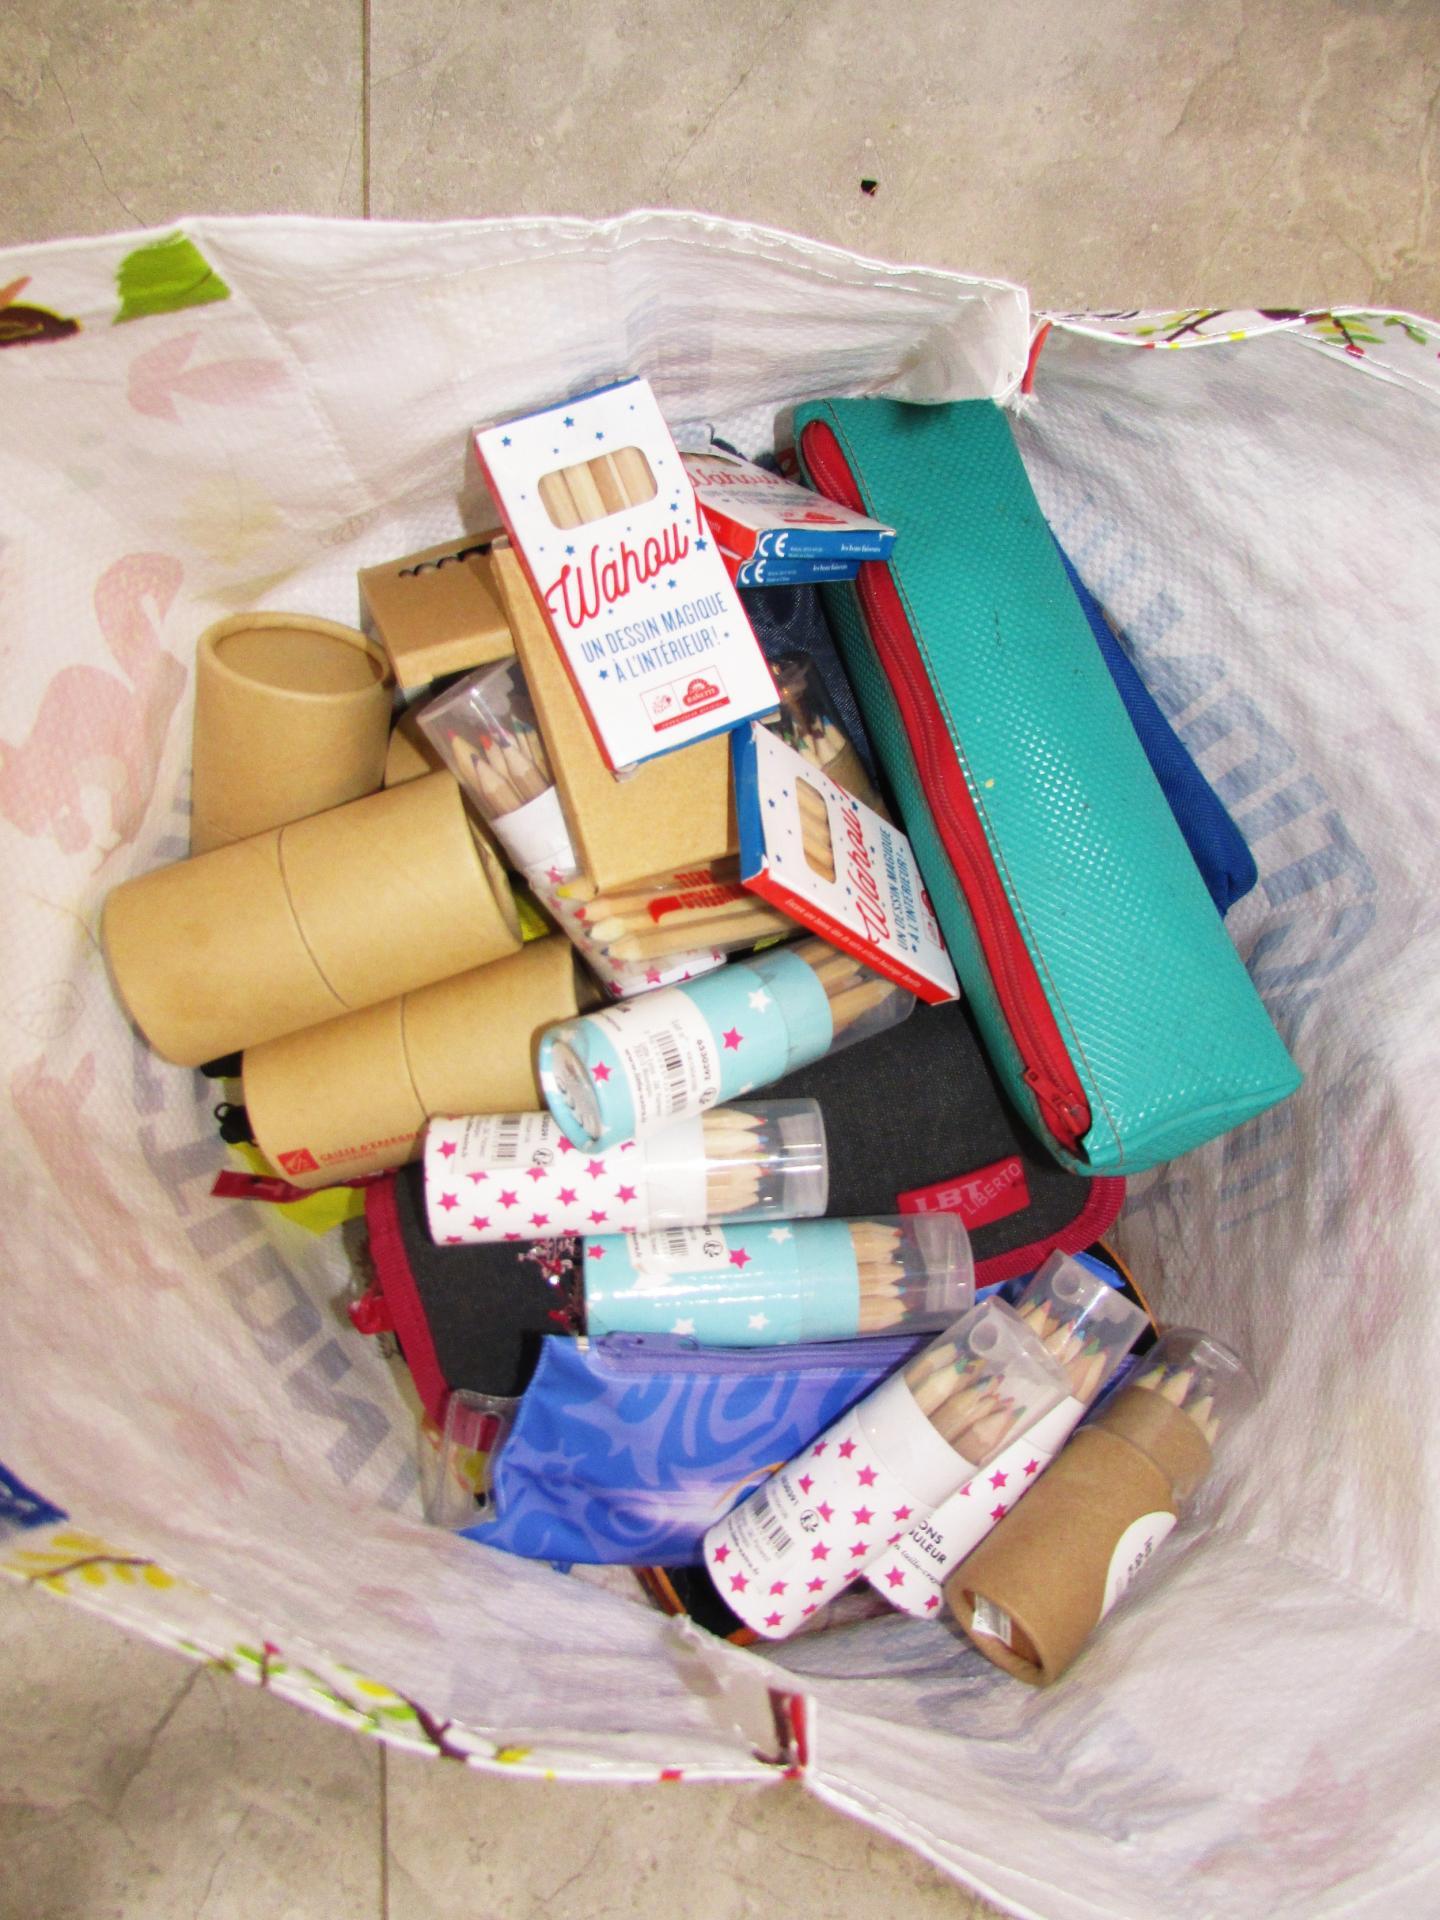 Feutres, crayons couleurs, trousses des donations reçues